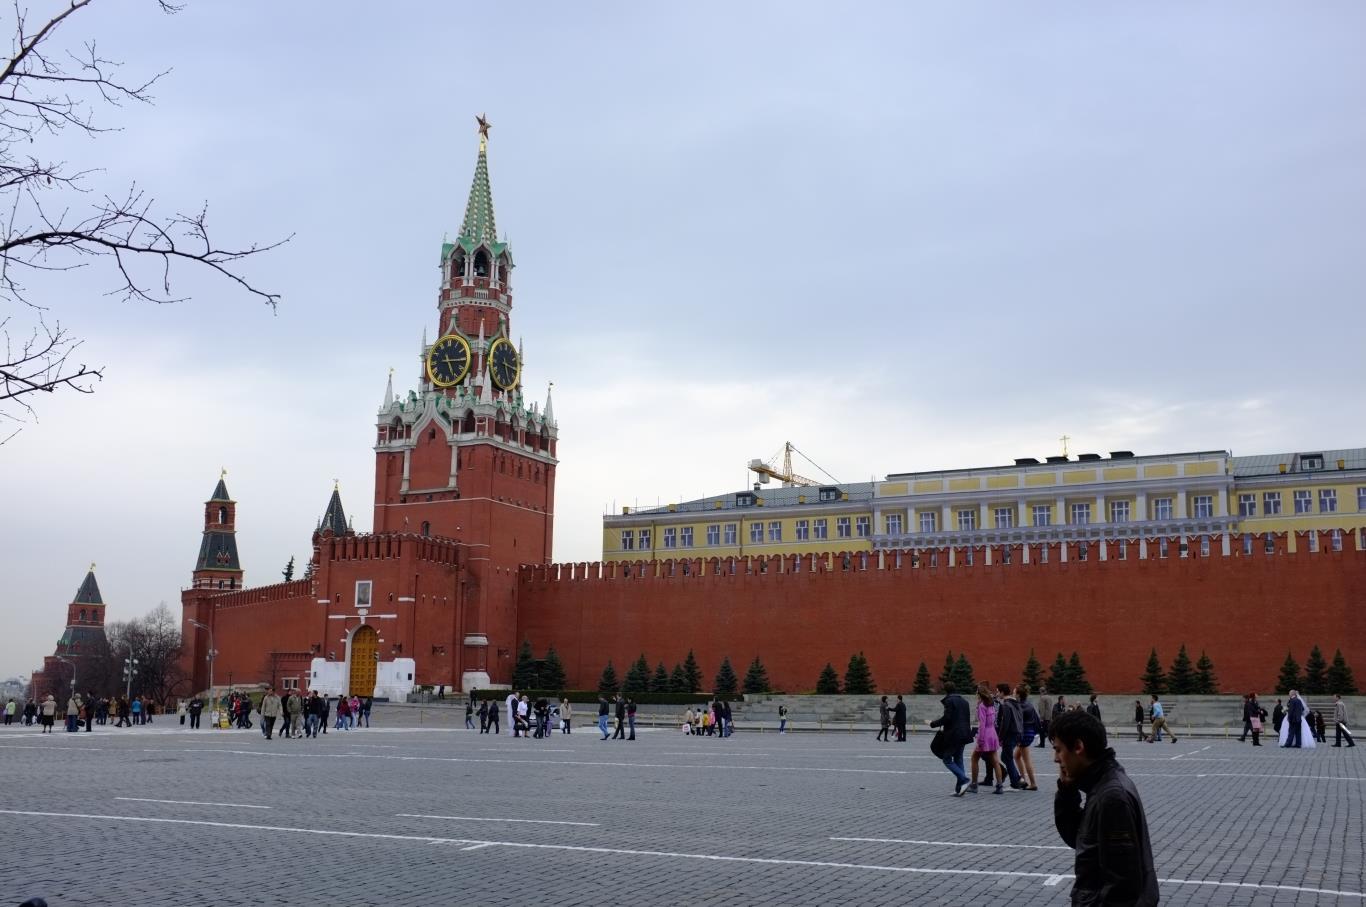 tham quan Russia - Quảng trường Đỏ